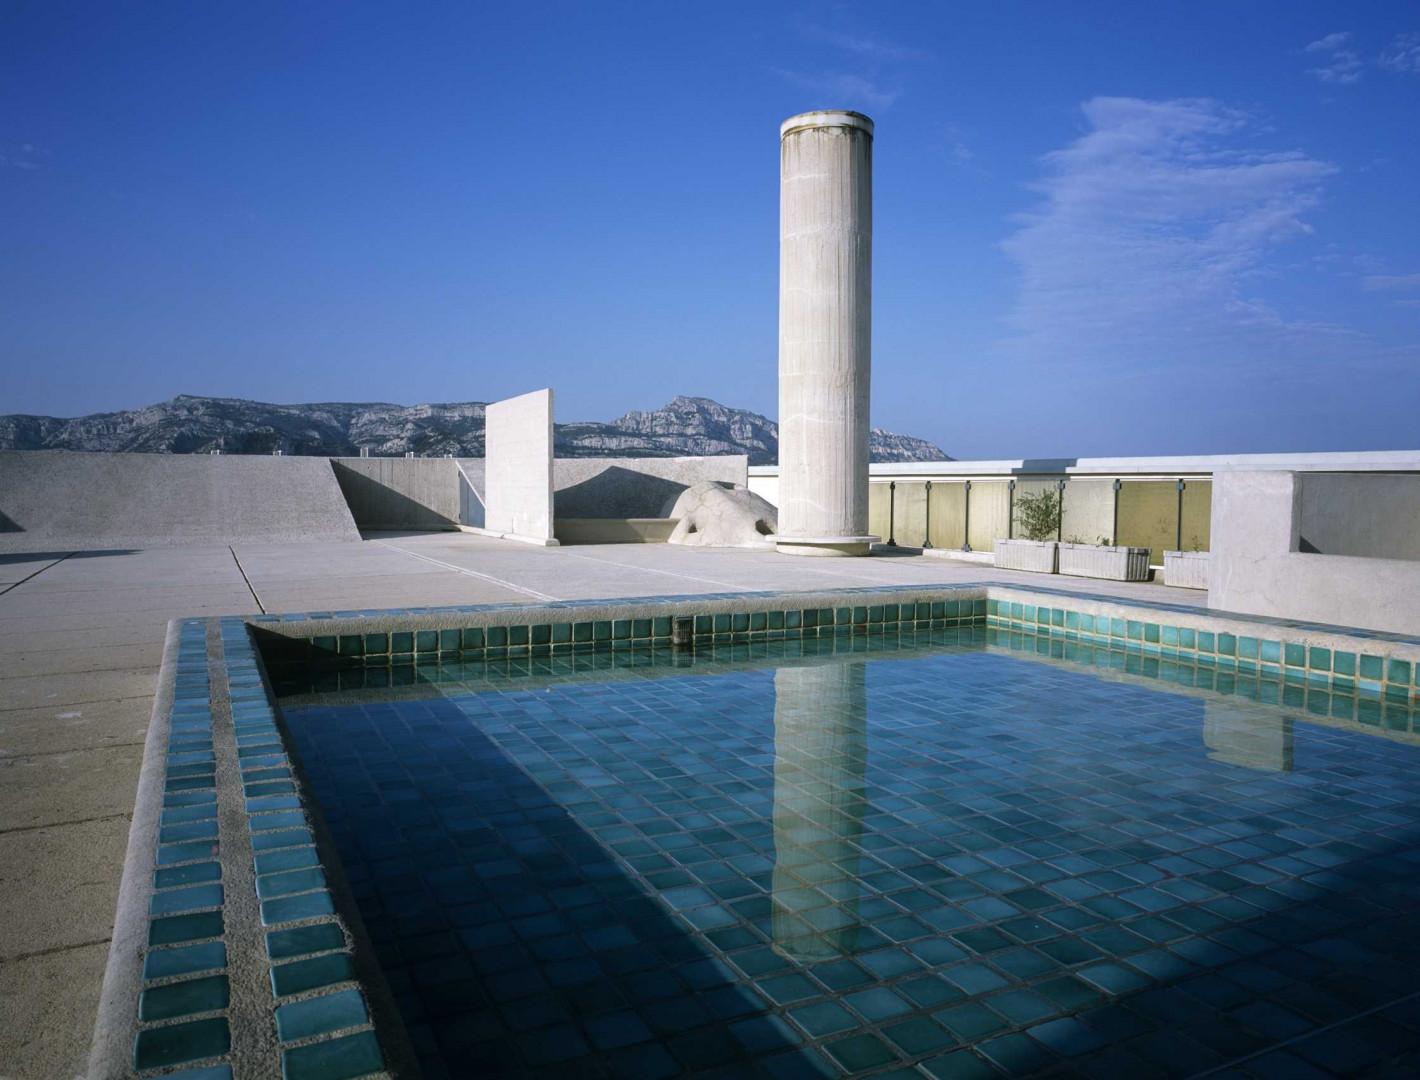 La piscine sur le toit de la Cité radieuse (Marseille)